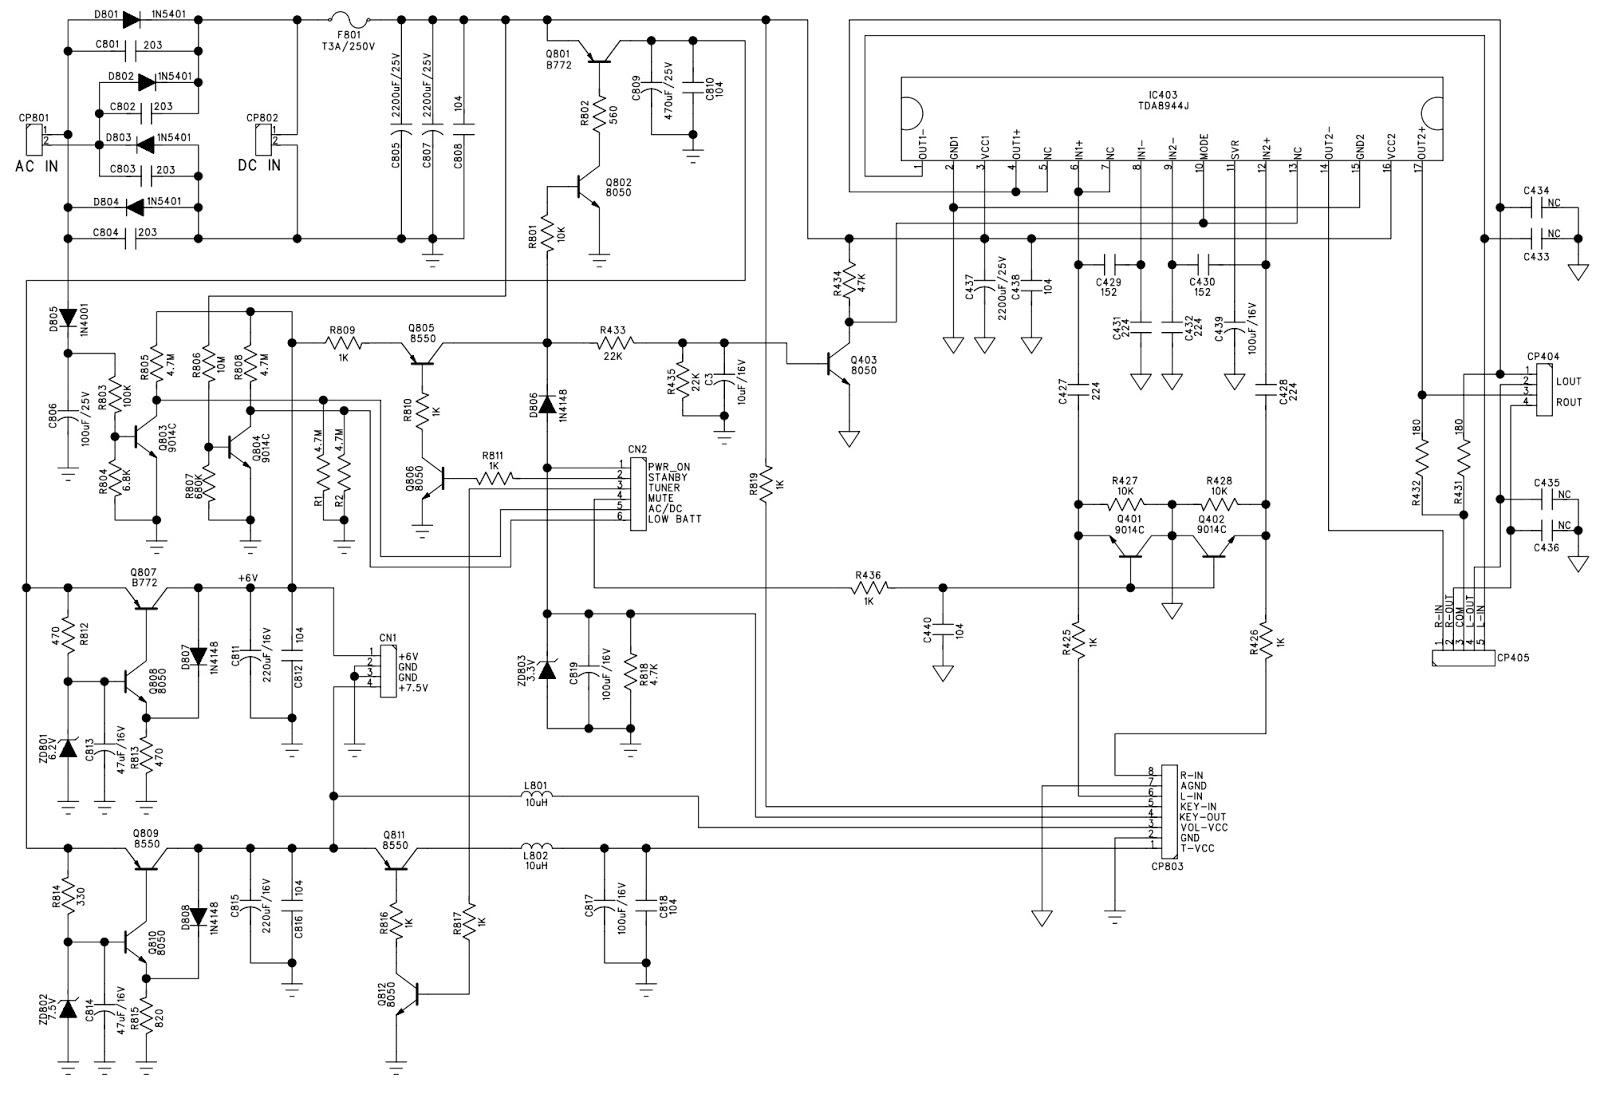 schematic diagram keyboard